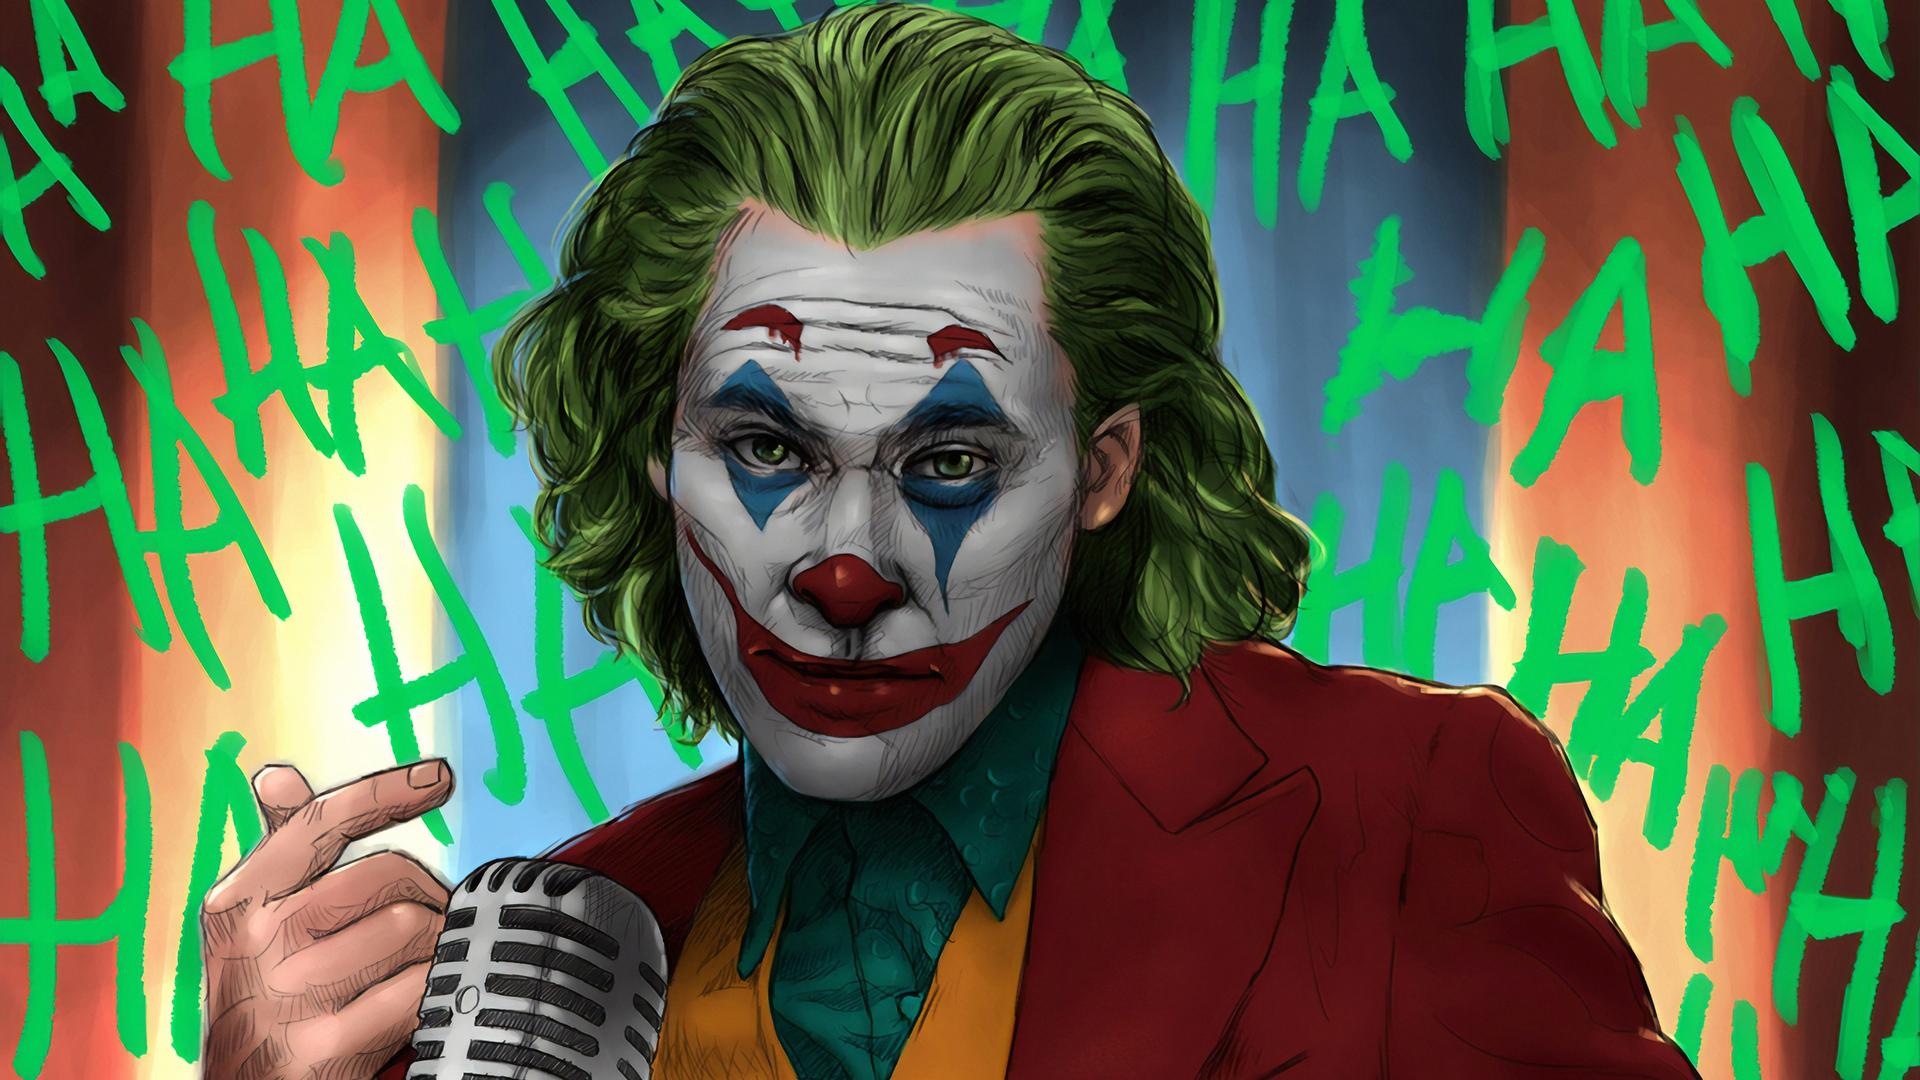 1920x1080 Joker On Show Laptop Full HD 1080P HD 4k ...